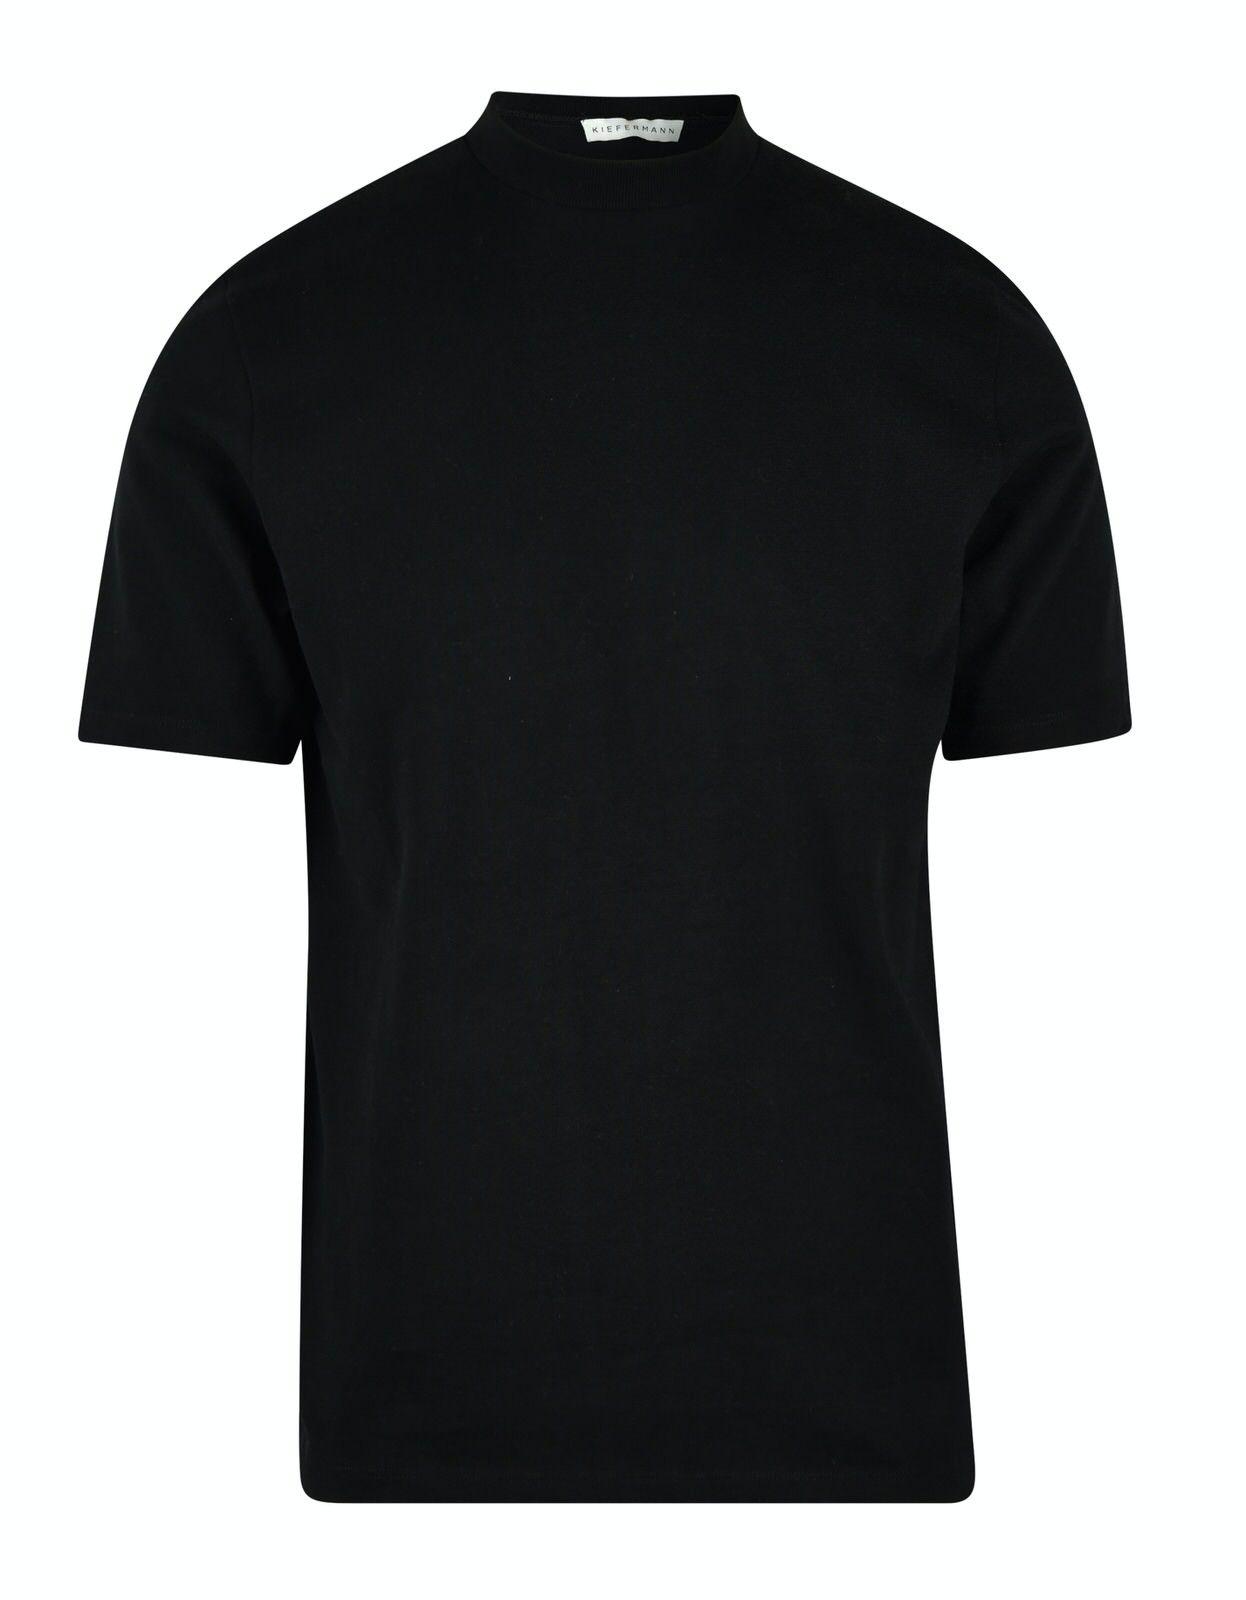 KIEFERMANN - Herren T-Shirt - Lorenz - Black